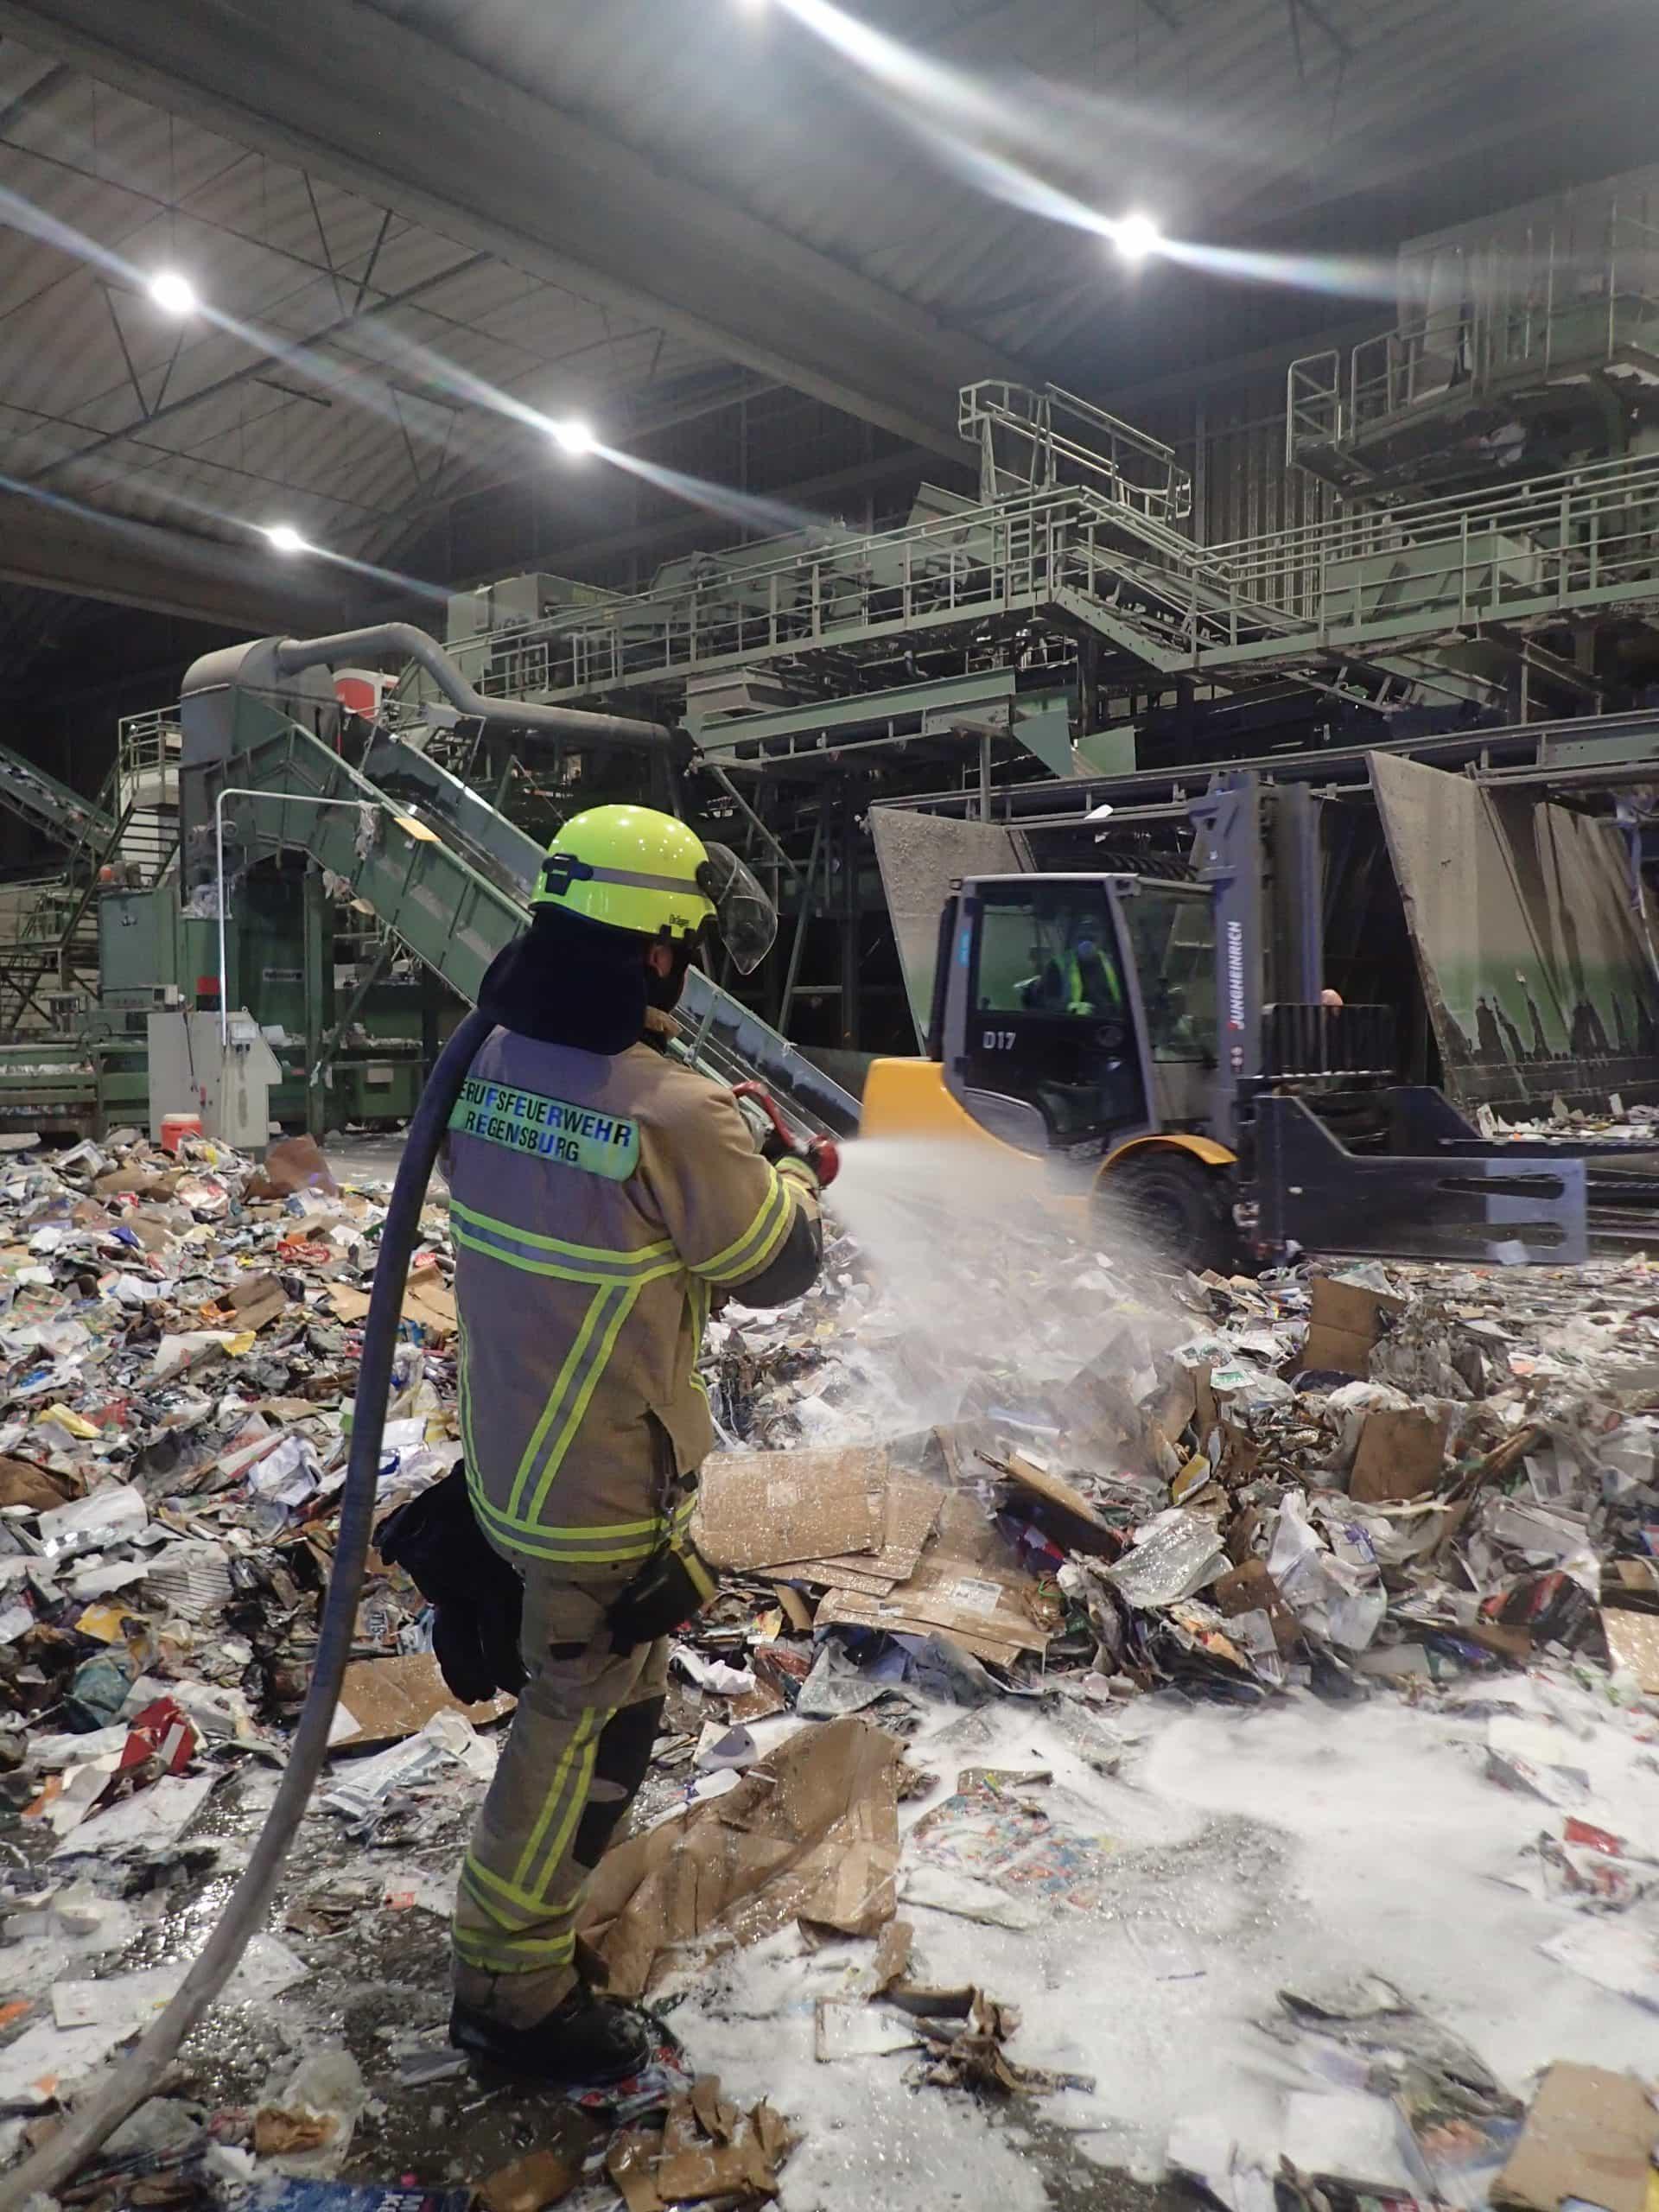 Mannshohe Flammen wüten in einem Recyclingbetrieb Löschzug der Regensburger Berufsfeuerwehr rückte in den Stadtosten aus